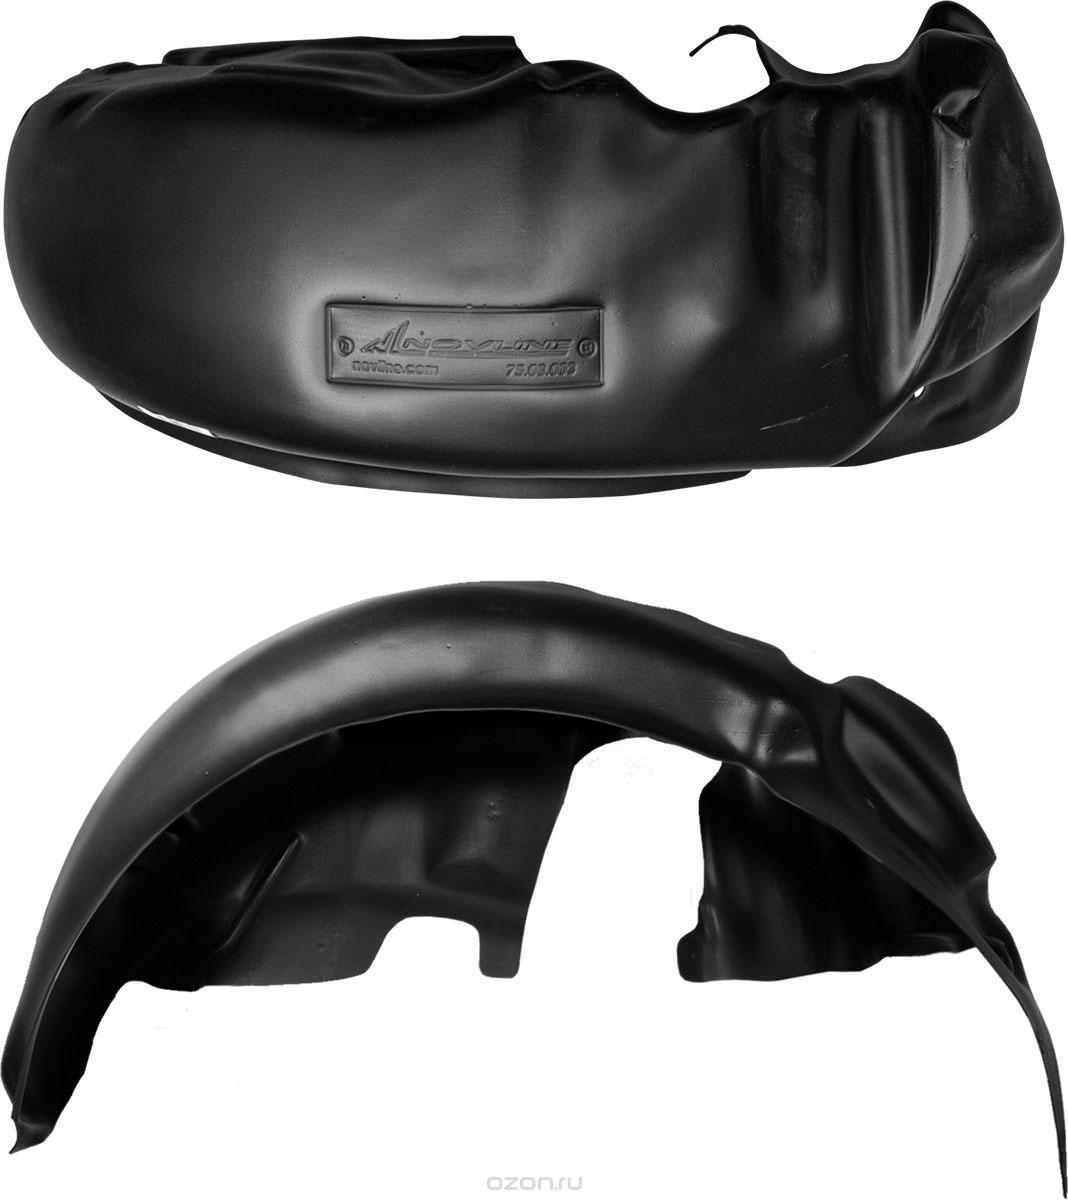 Подкрылок Novline-Autofamily, для Renault Sandero, 2013, рестайлинг, задний левый подкрылок с шумоизоляцией novline autofamily для renault sandero хэтчбек 2014 задний левый